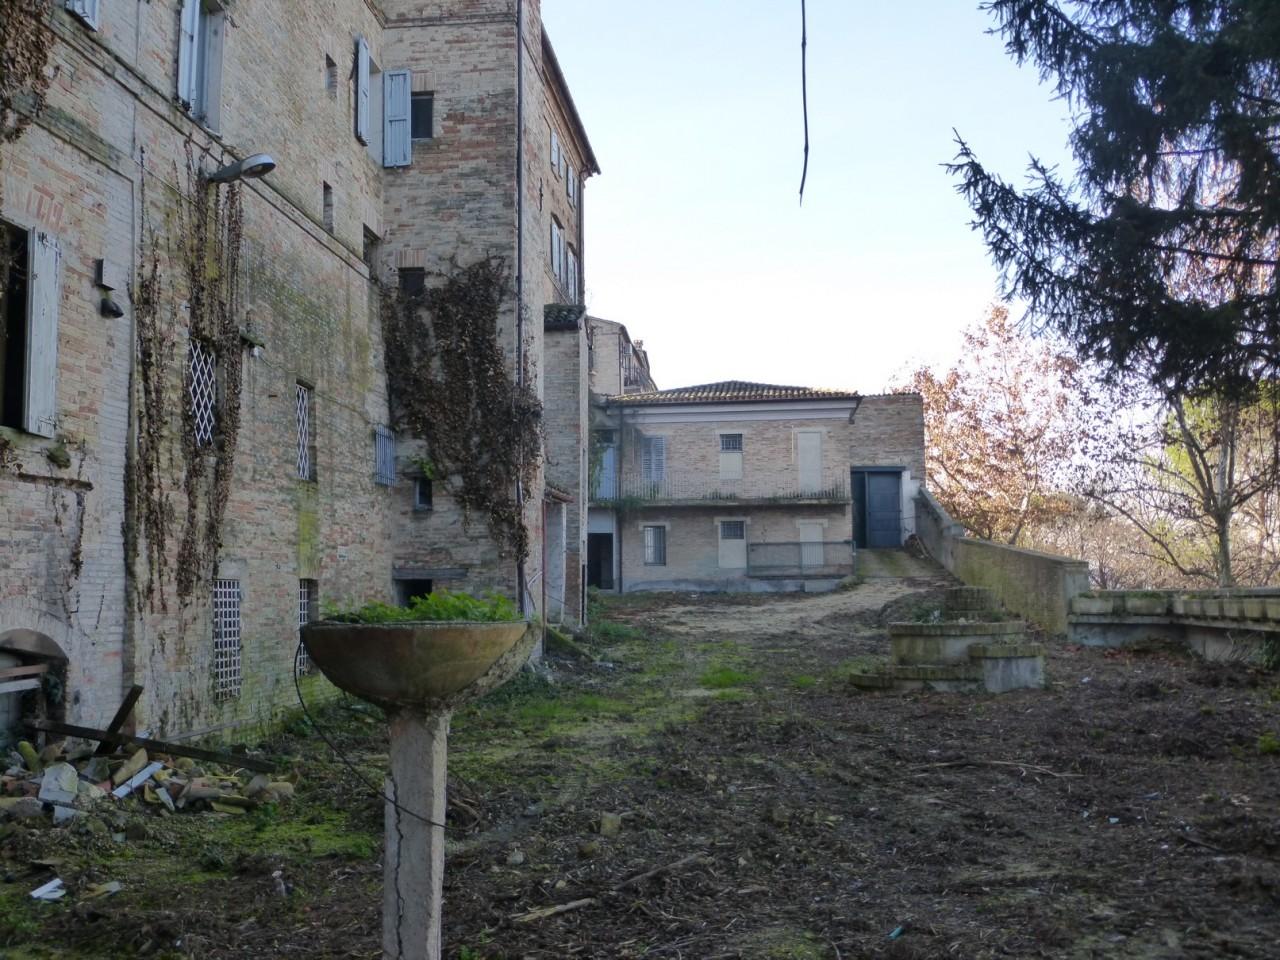 giardino monachette intermesoli macerata (12)